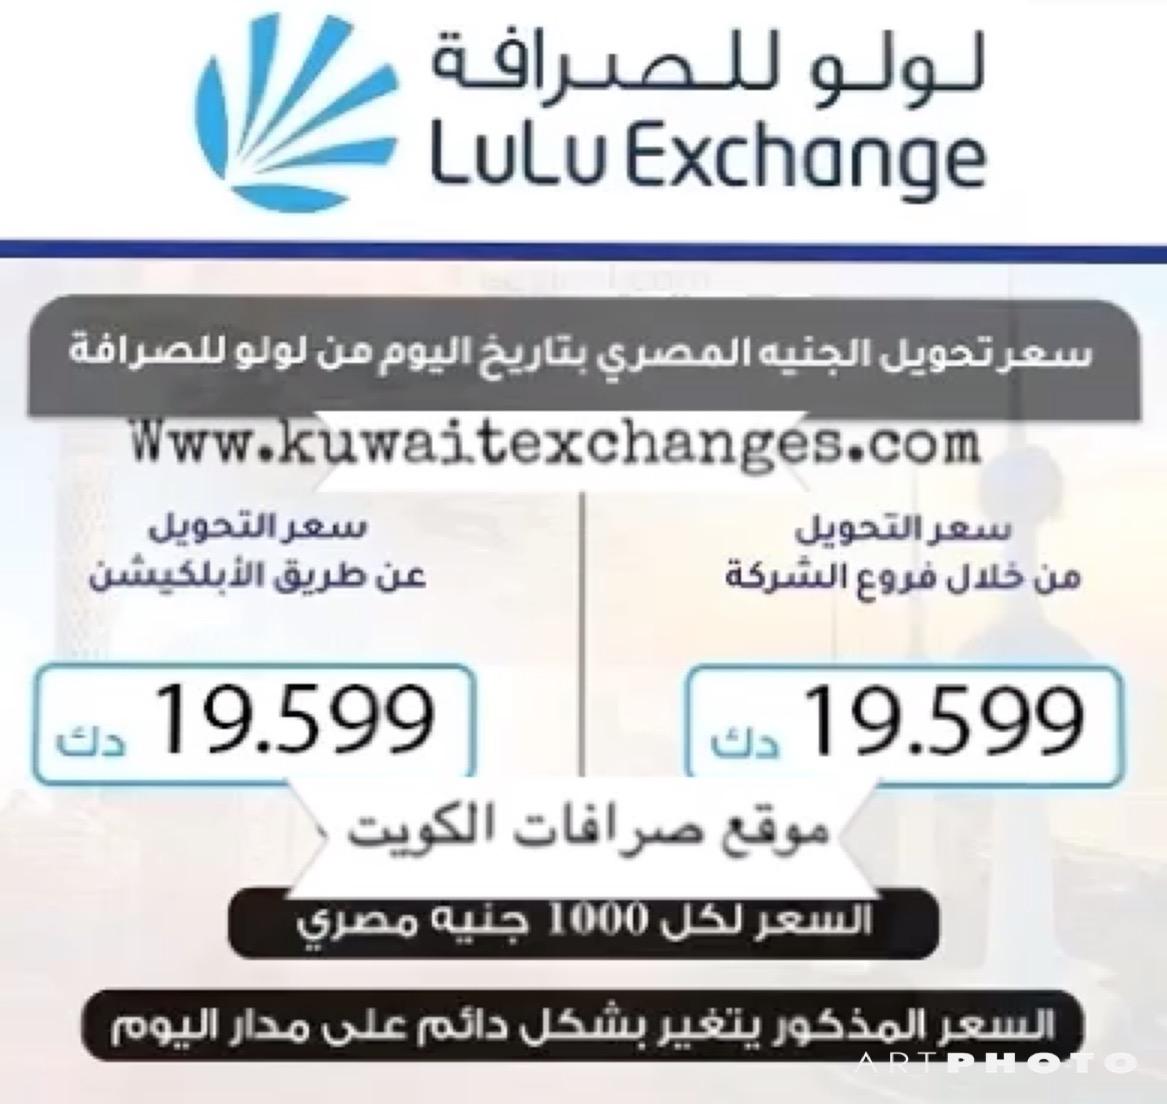 سعر الالف جنية مصري في صرافة لولو الكويت والعملات ١٤سيبتمبر